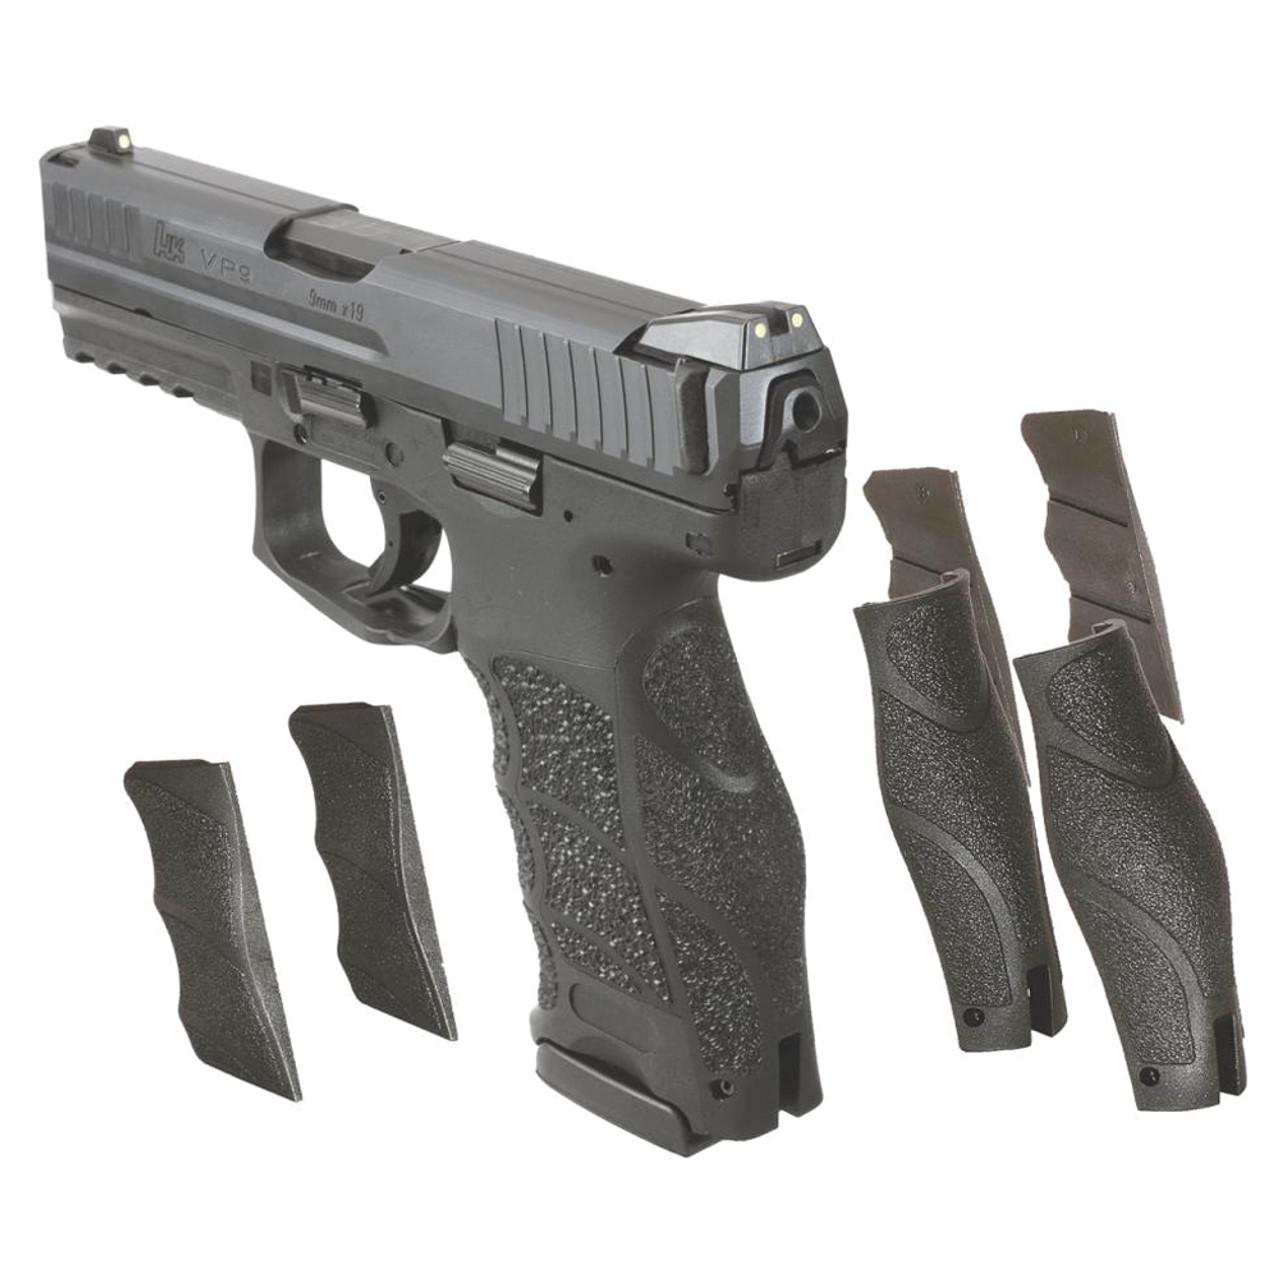 HK VP9 9mm 4.09in Pistol 700009-LE-A5